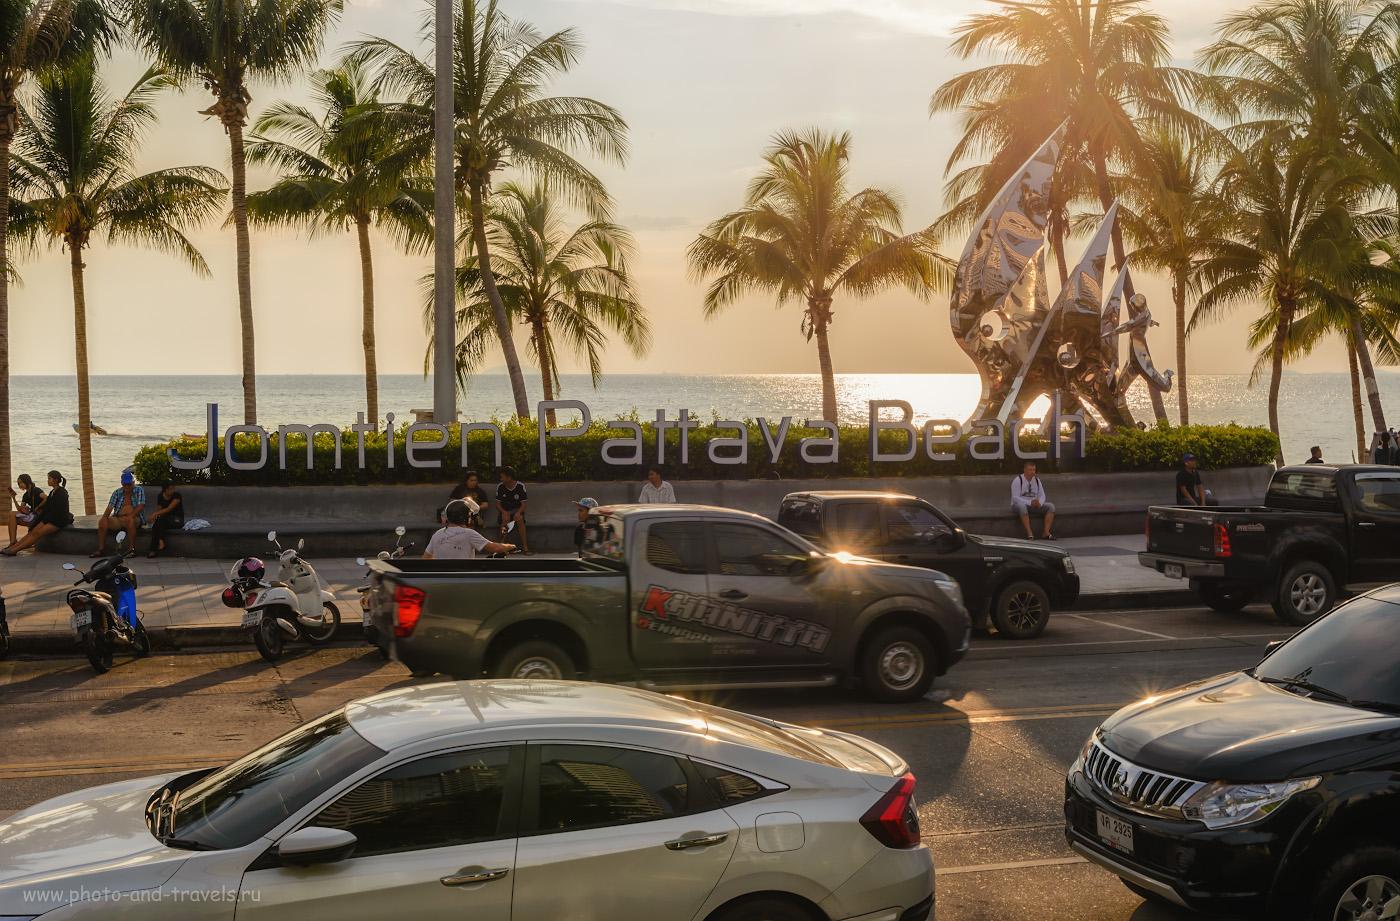 Фото 6. Где жить в Паттайе? Конечно, лучше поселиться на пляже Джомтьен. Советы туристам, отдыхающим в Таиланде. 1/100, 16.0, 125, 48.